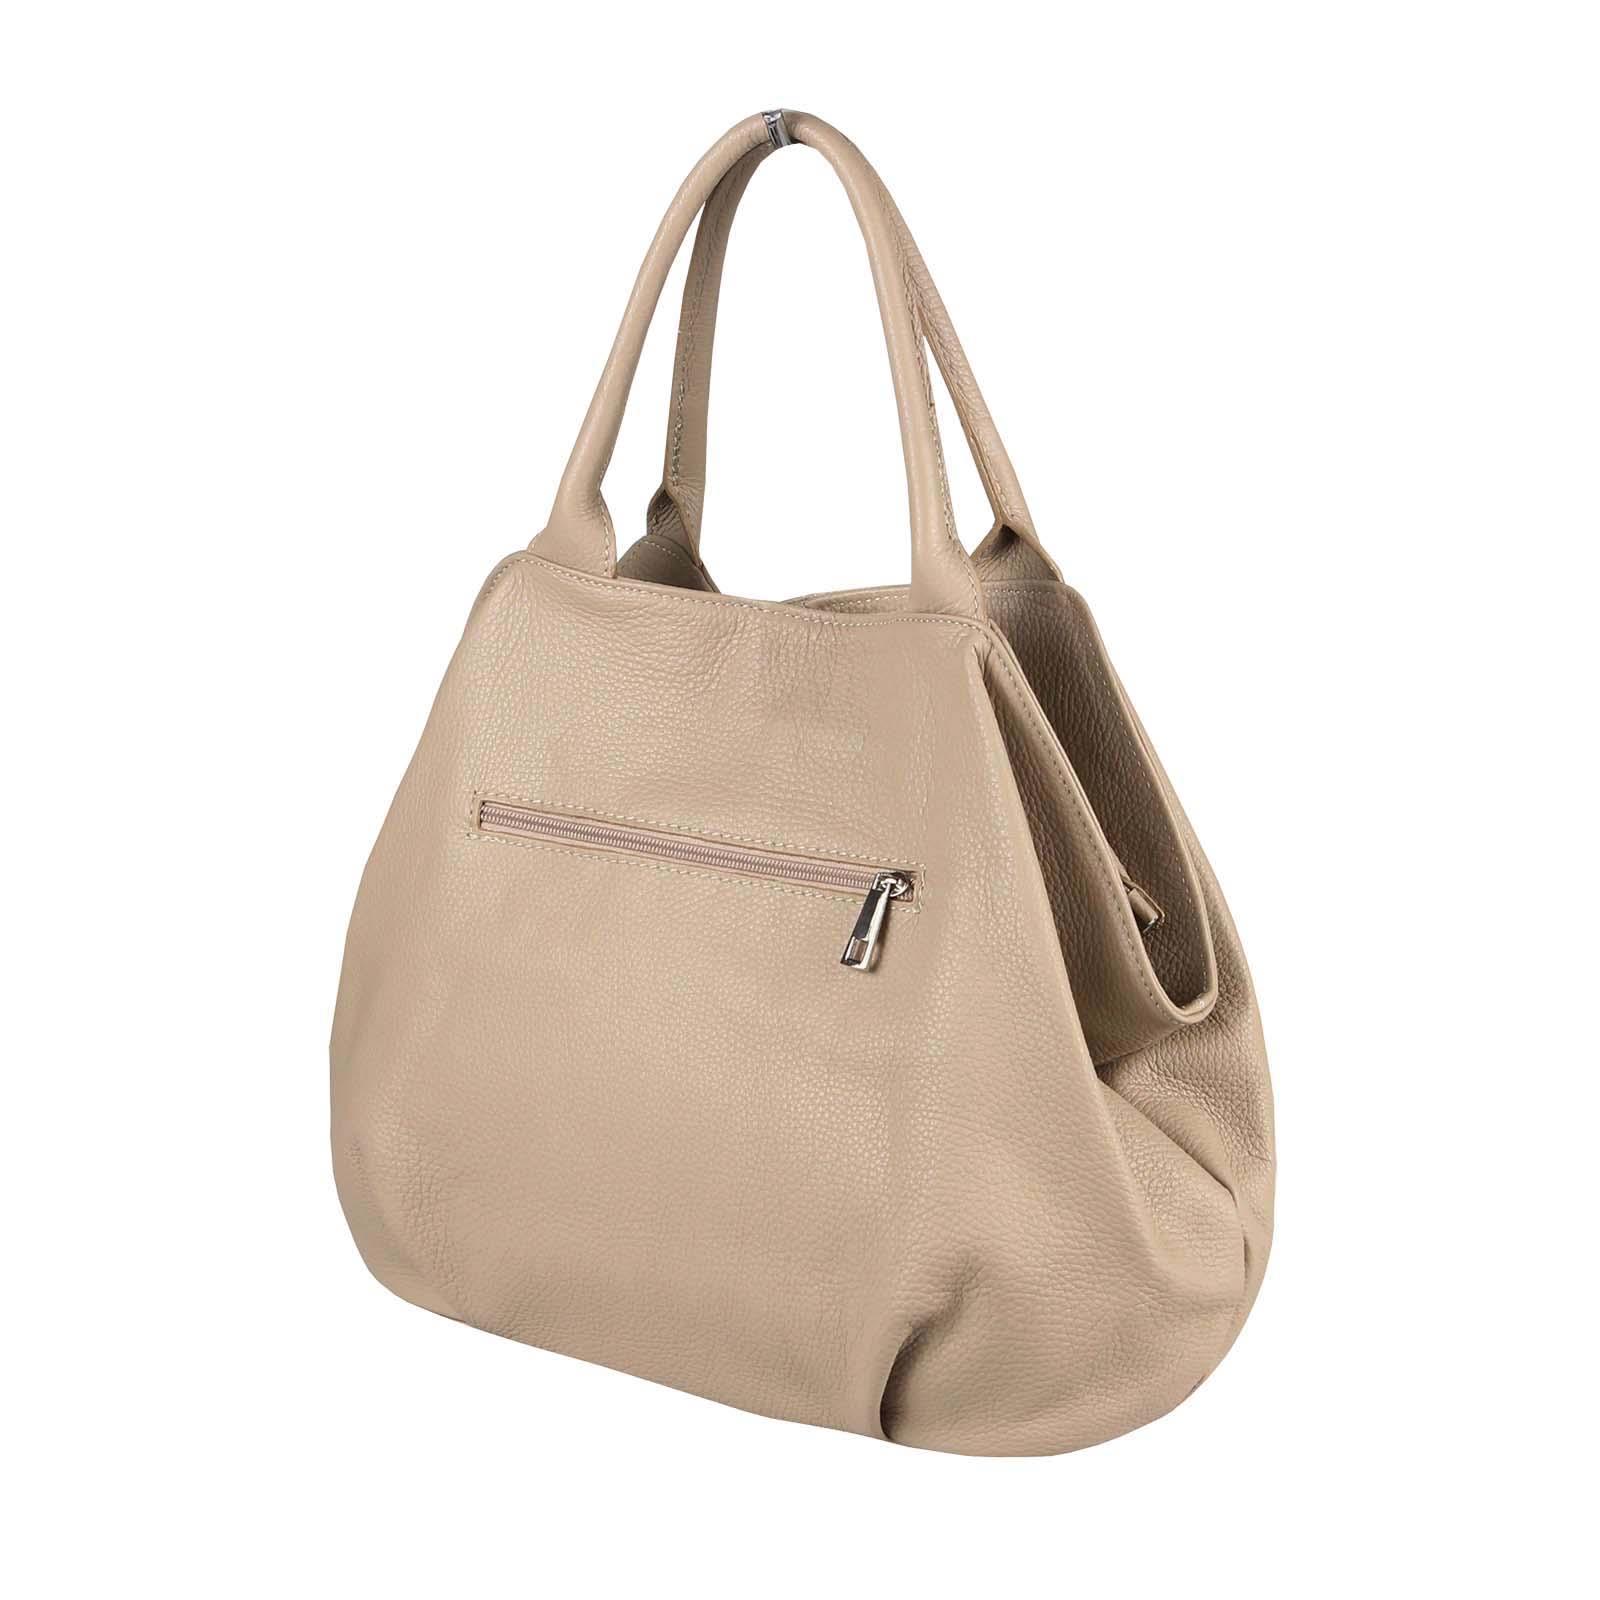 ITALY-LEDER-SHOPPER-Umhaengetasche-Schulter-Hand-Tasche-Damentasche-Ledertasche Indexbild 15